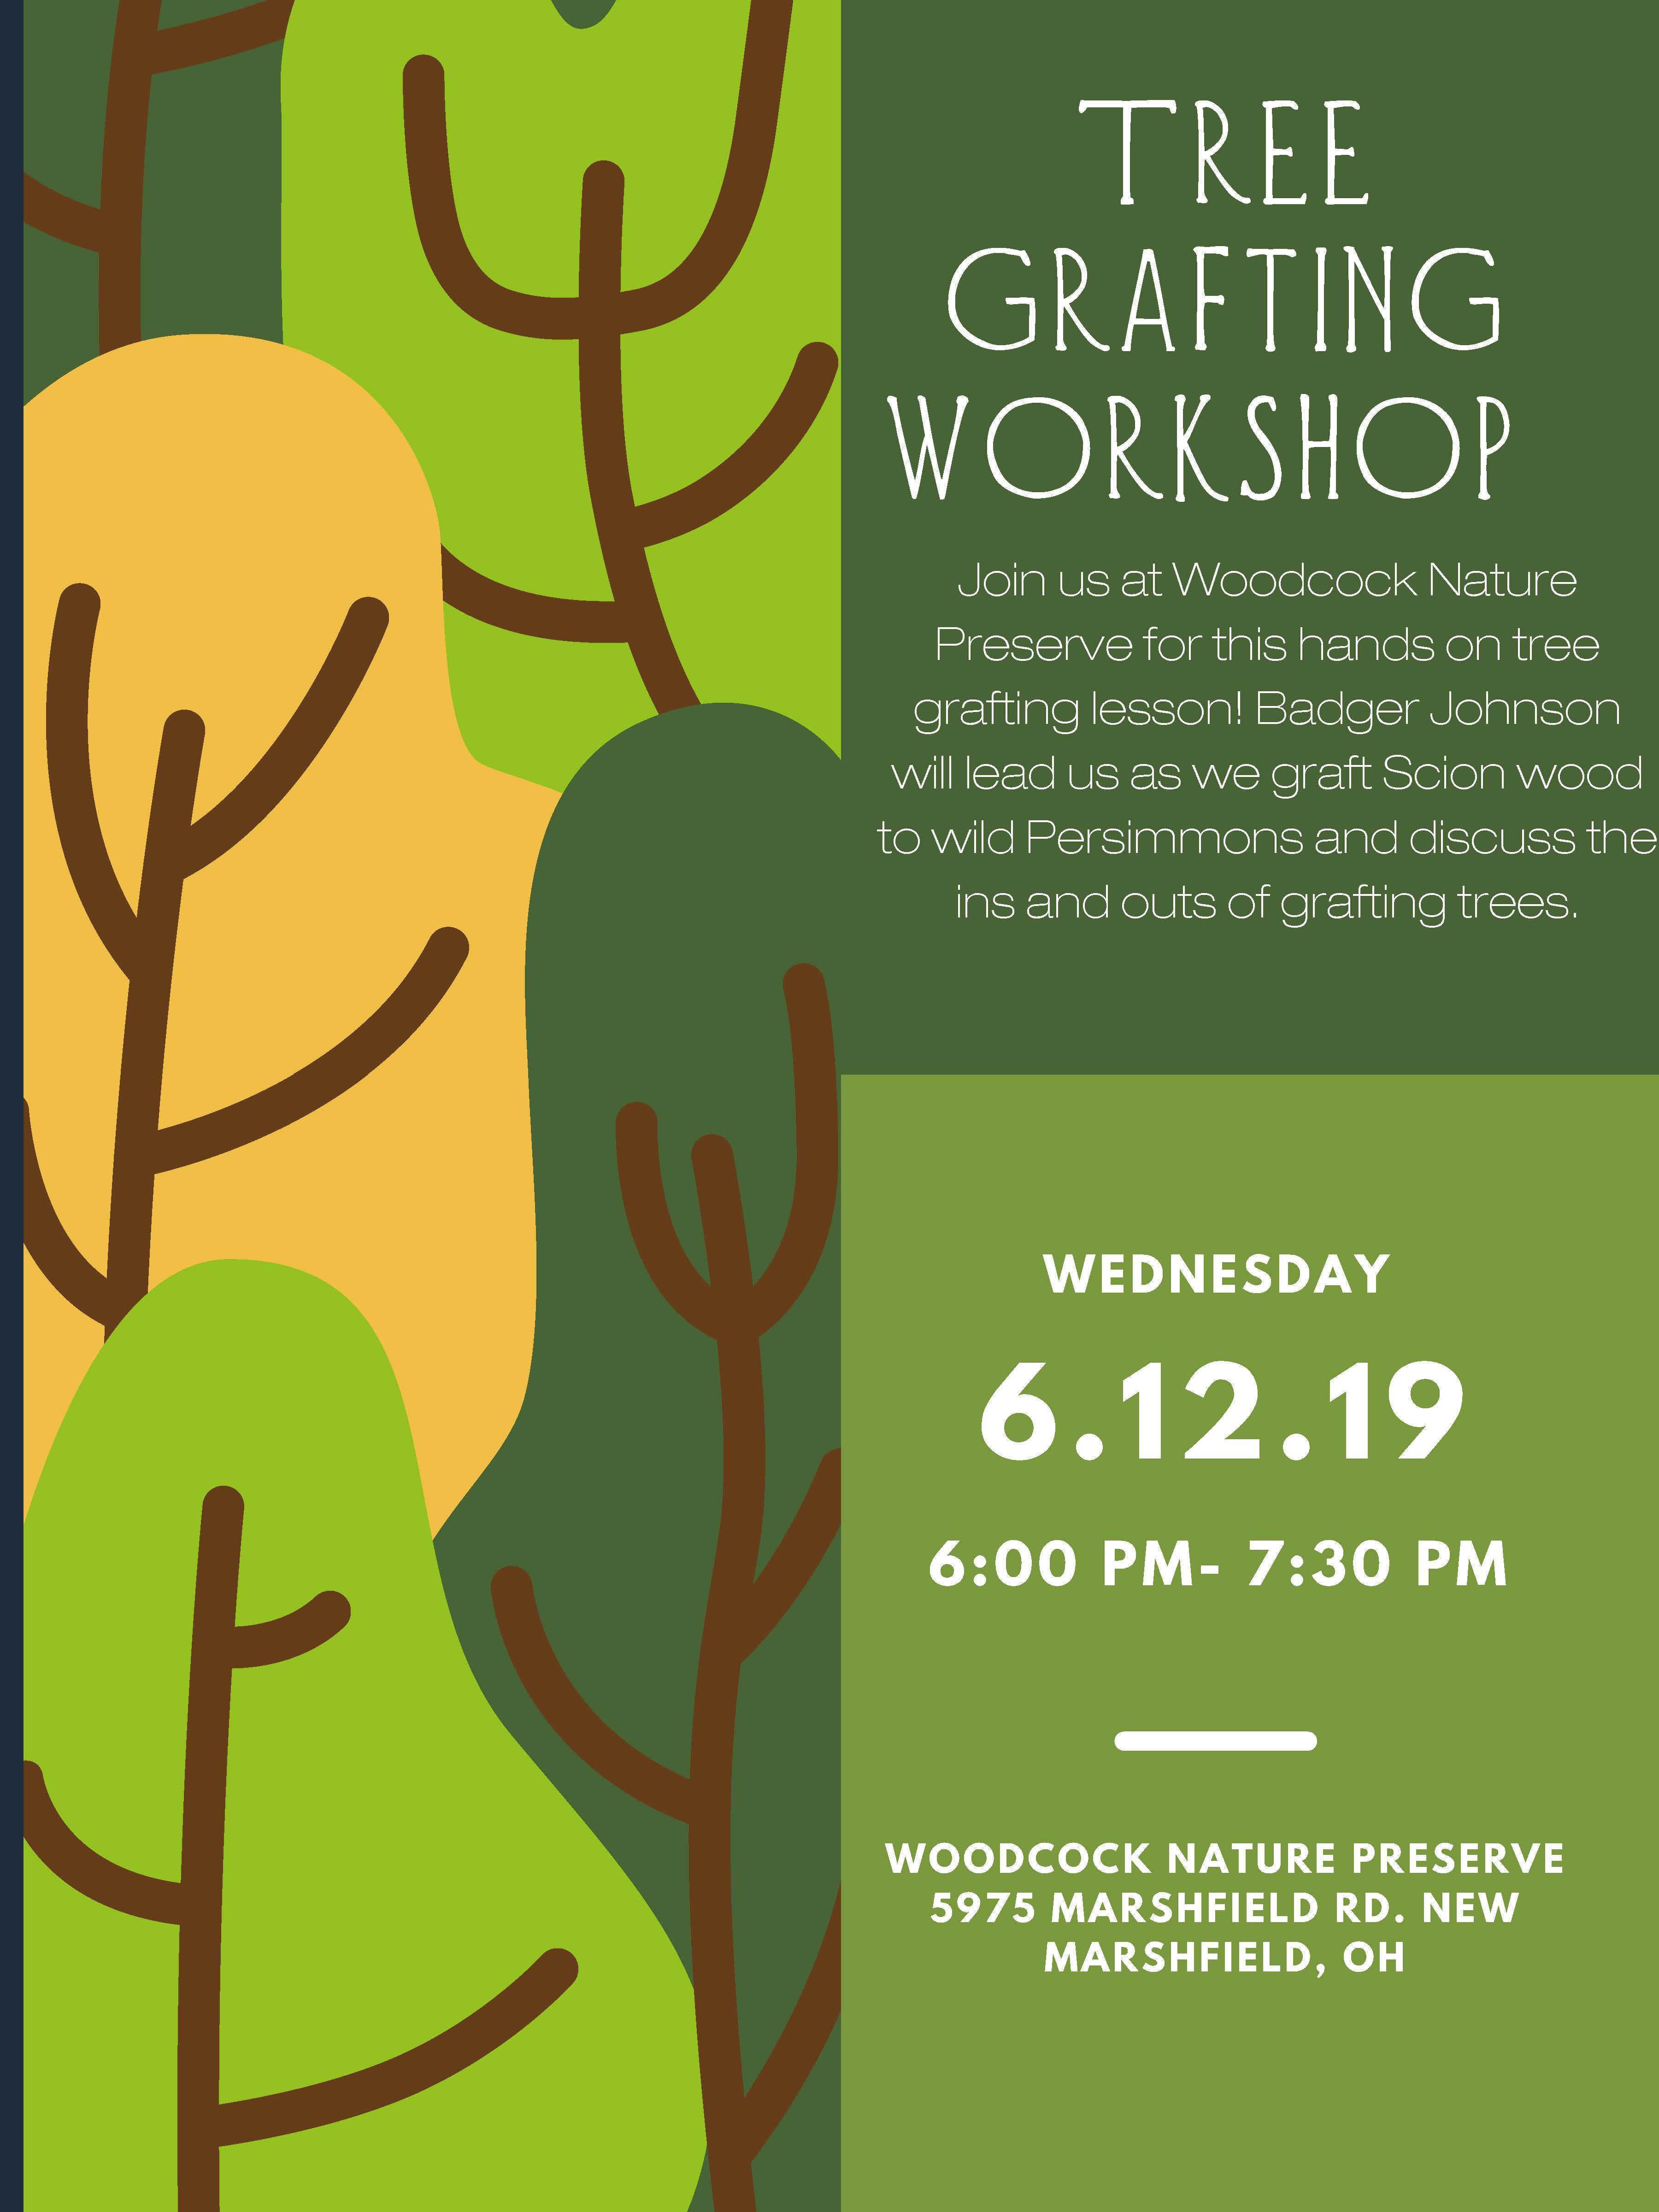 Tree Grafting Workshop